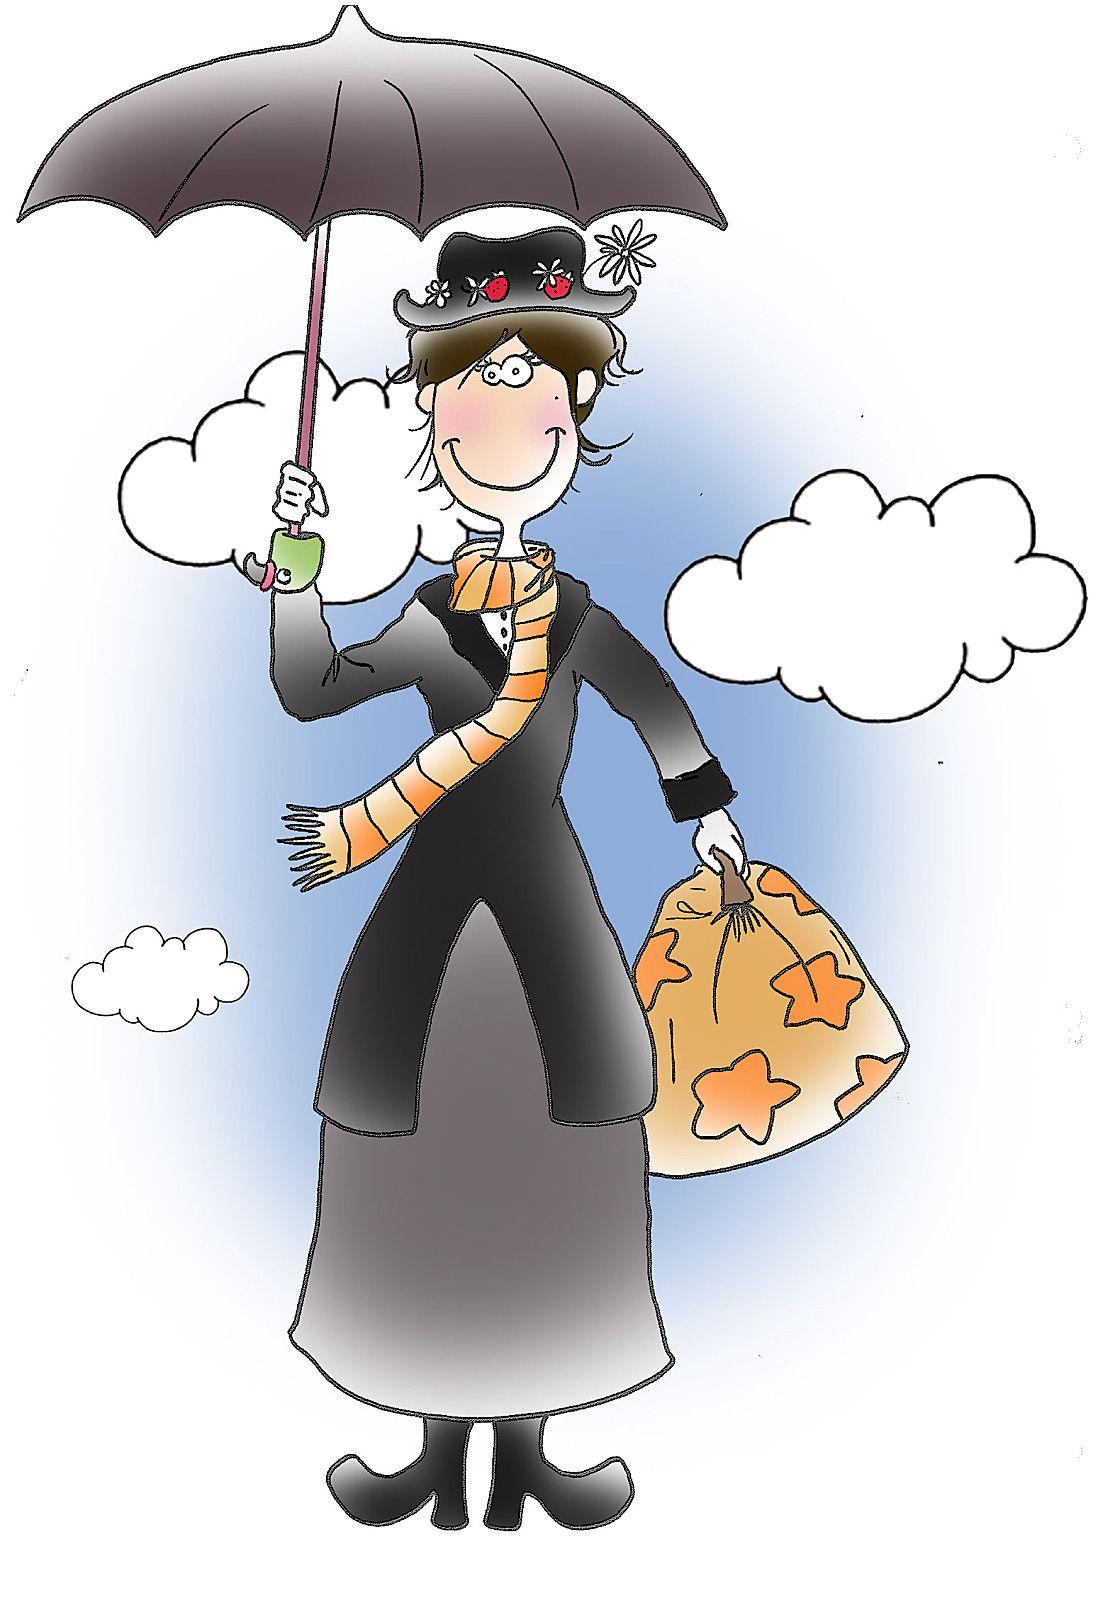 Supercalifragilisticexpialidocious Madame Reve Dibujos Paraguas Dibujos Animados Personajes Dibujos Animados